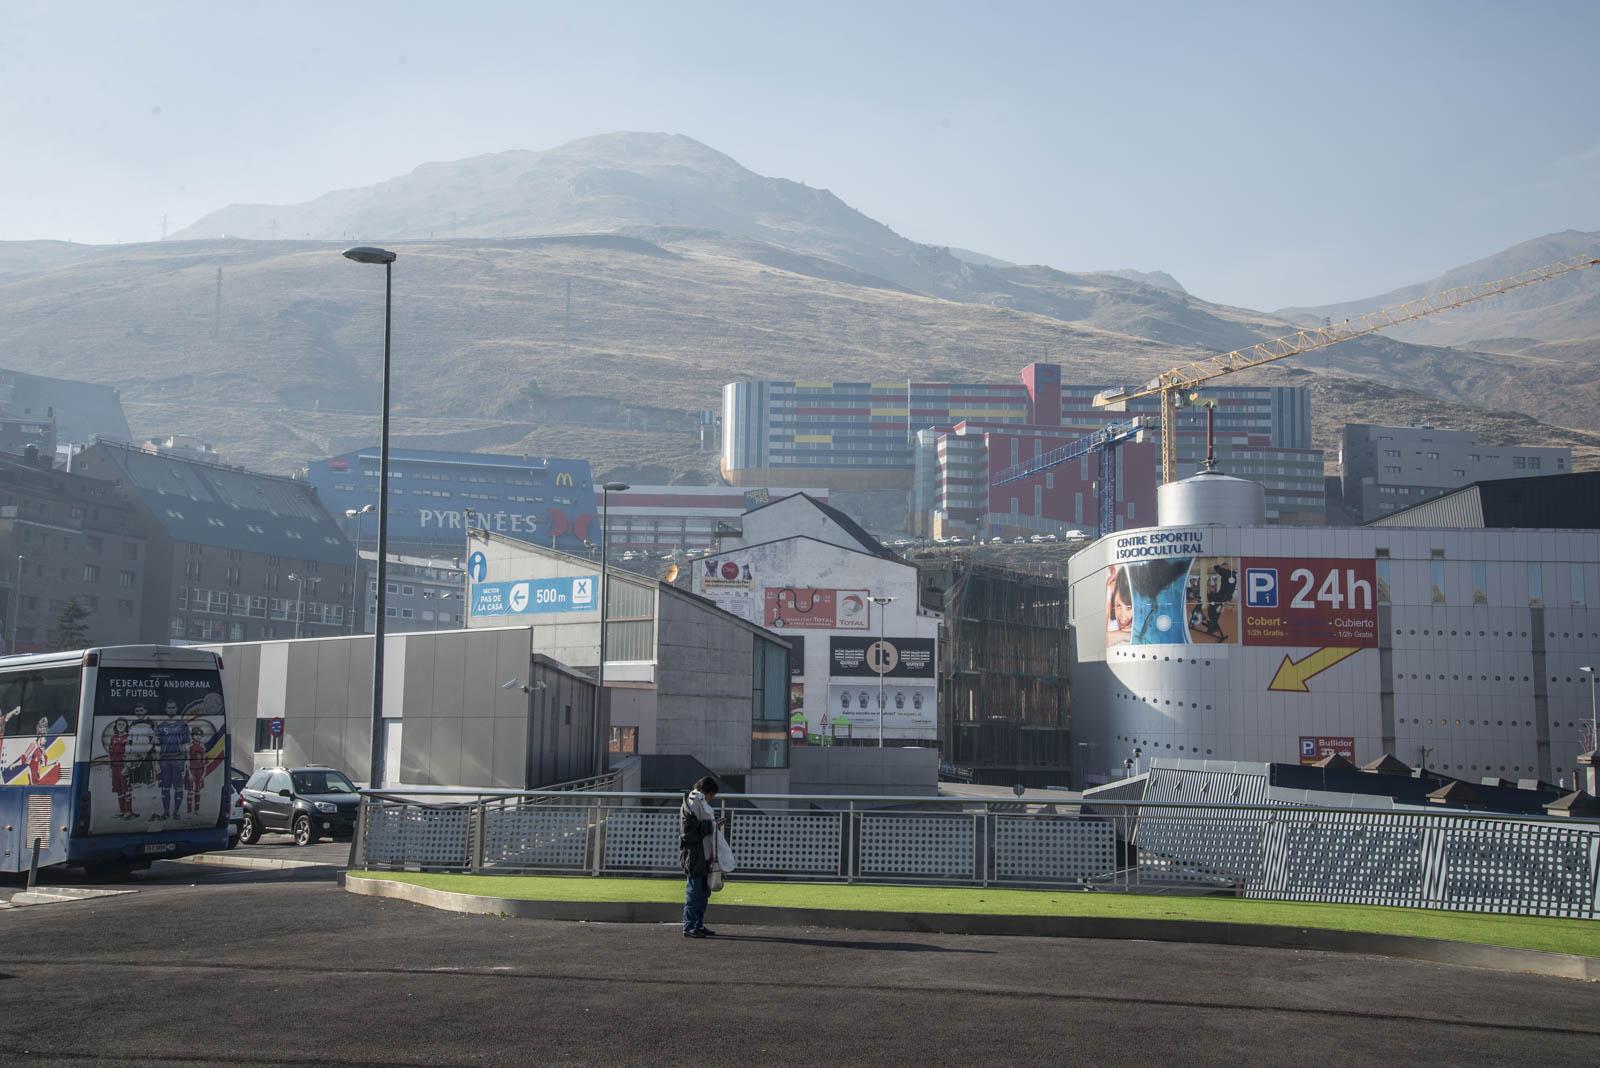 Mye butikker, hoteller og dis ved den franske grensen i Andorra.